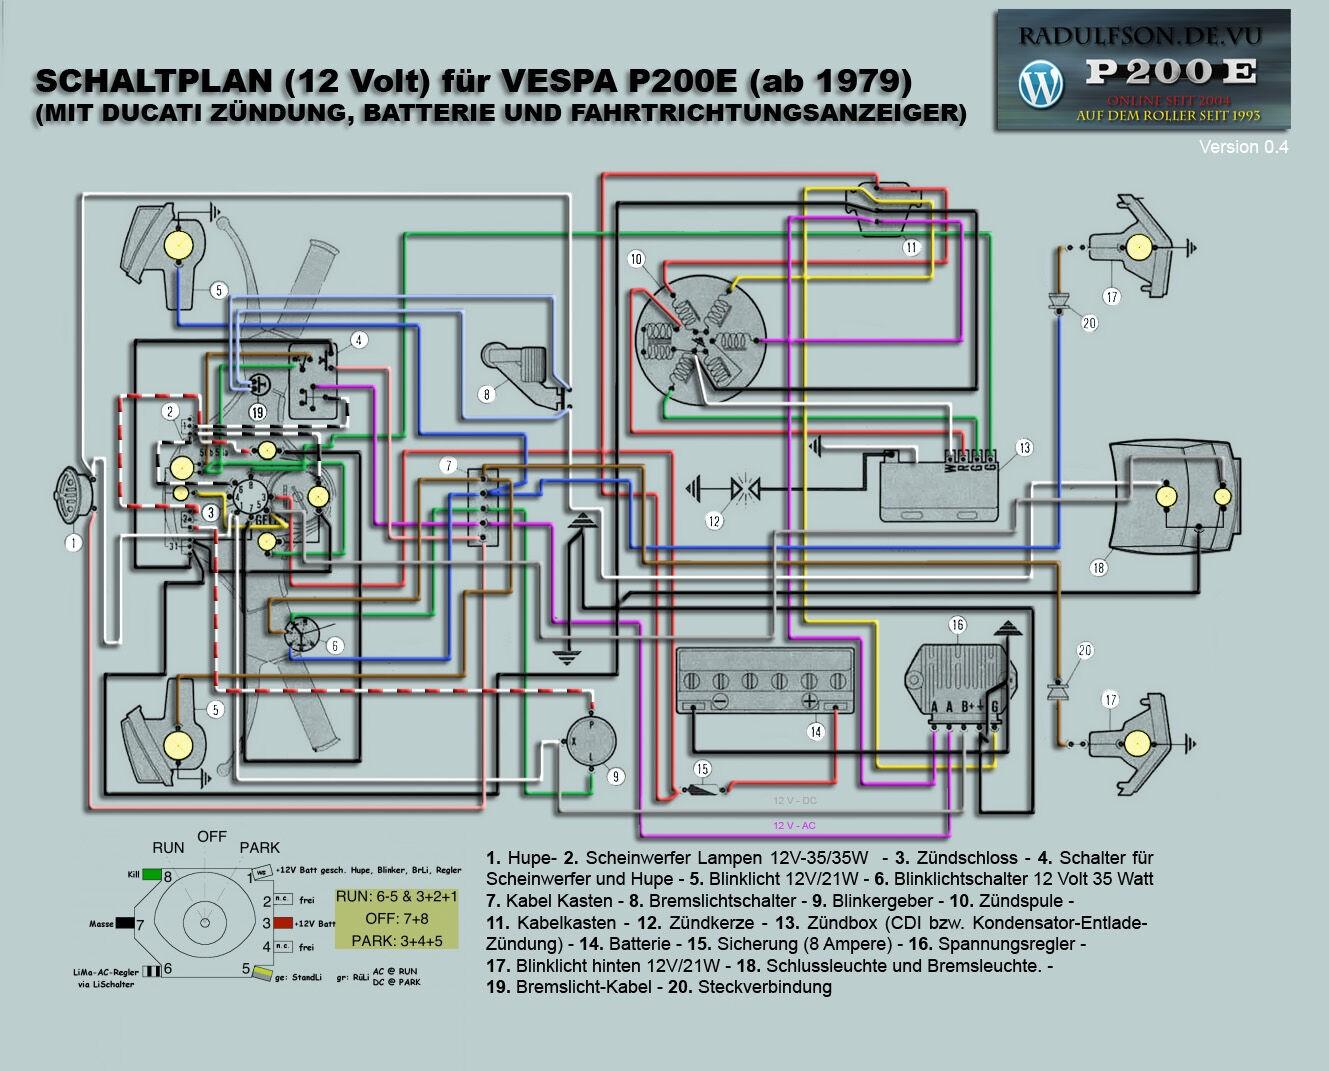 Ungewöhnlich Gmc Rücklicht Schaltplan Bilder - Elektrische ...